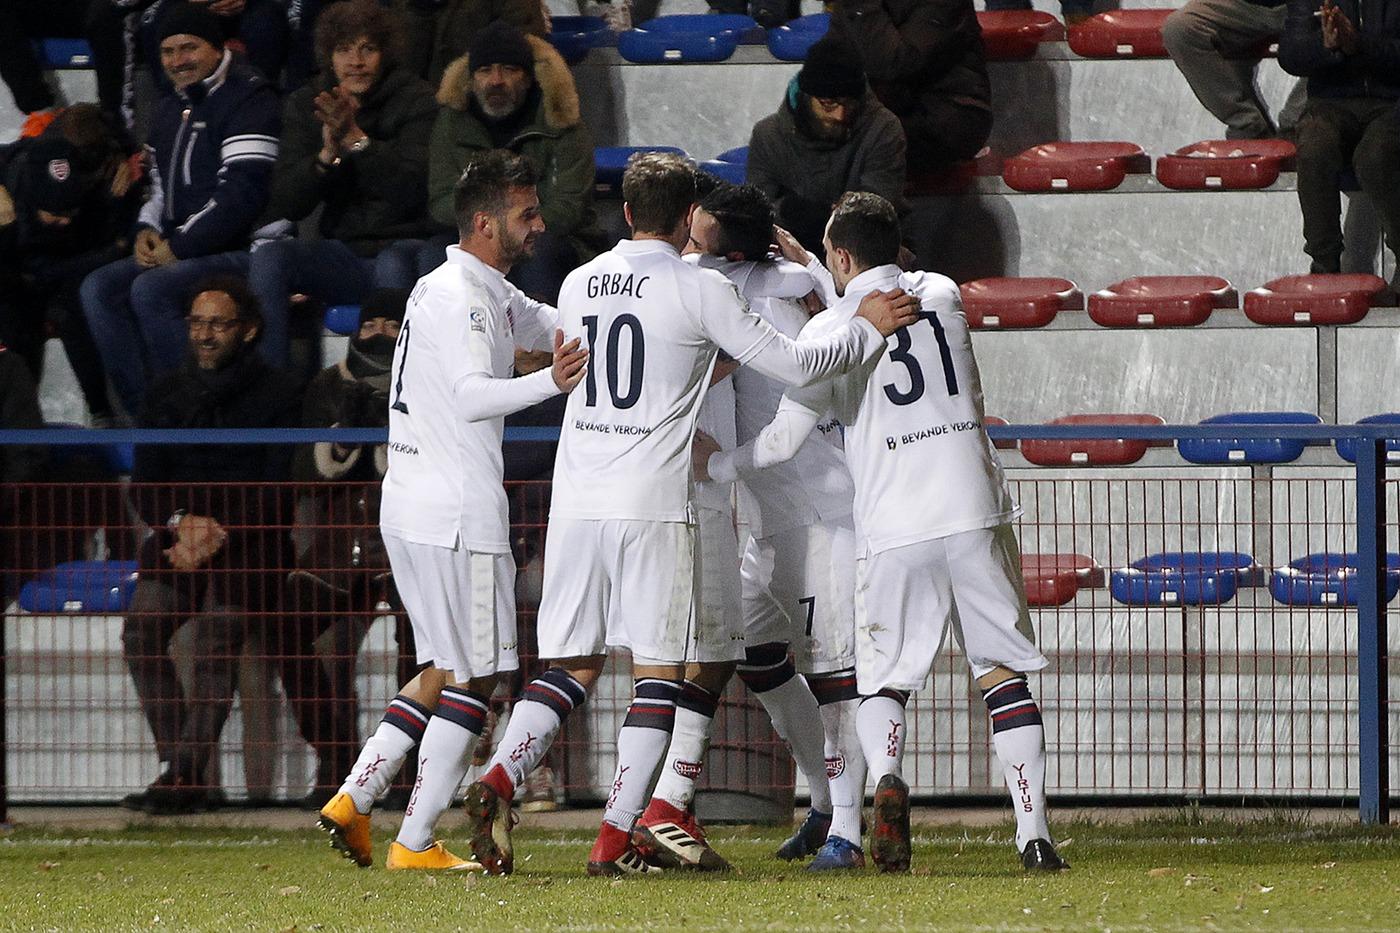 Virtus Verona-Rimini 24 marzo: si gioca per la 32 esima giornata del gruppo B di Serie C. Scontro diretto per la salvezza.